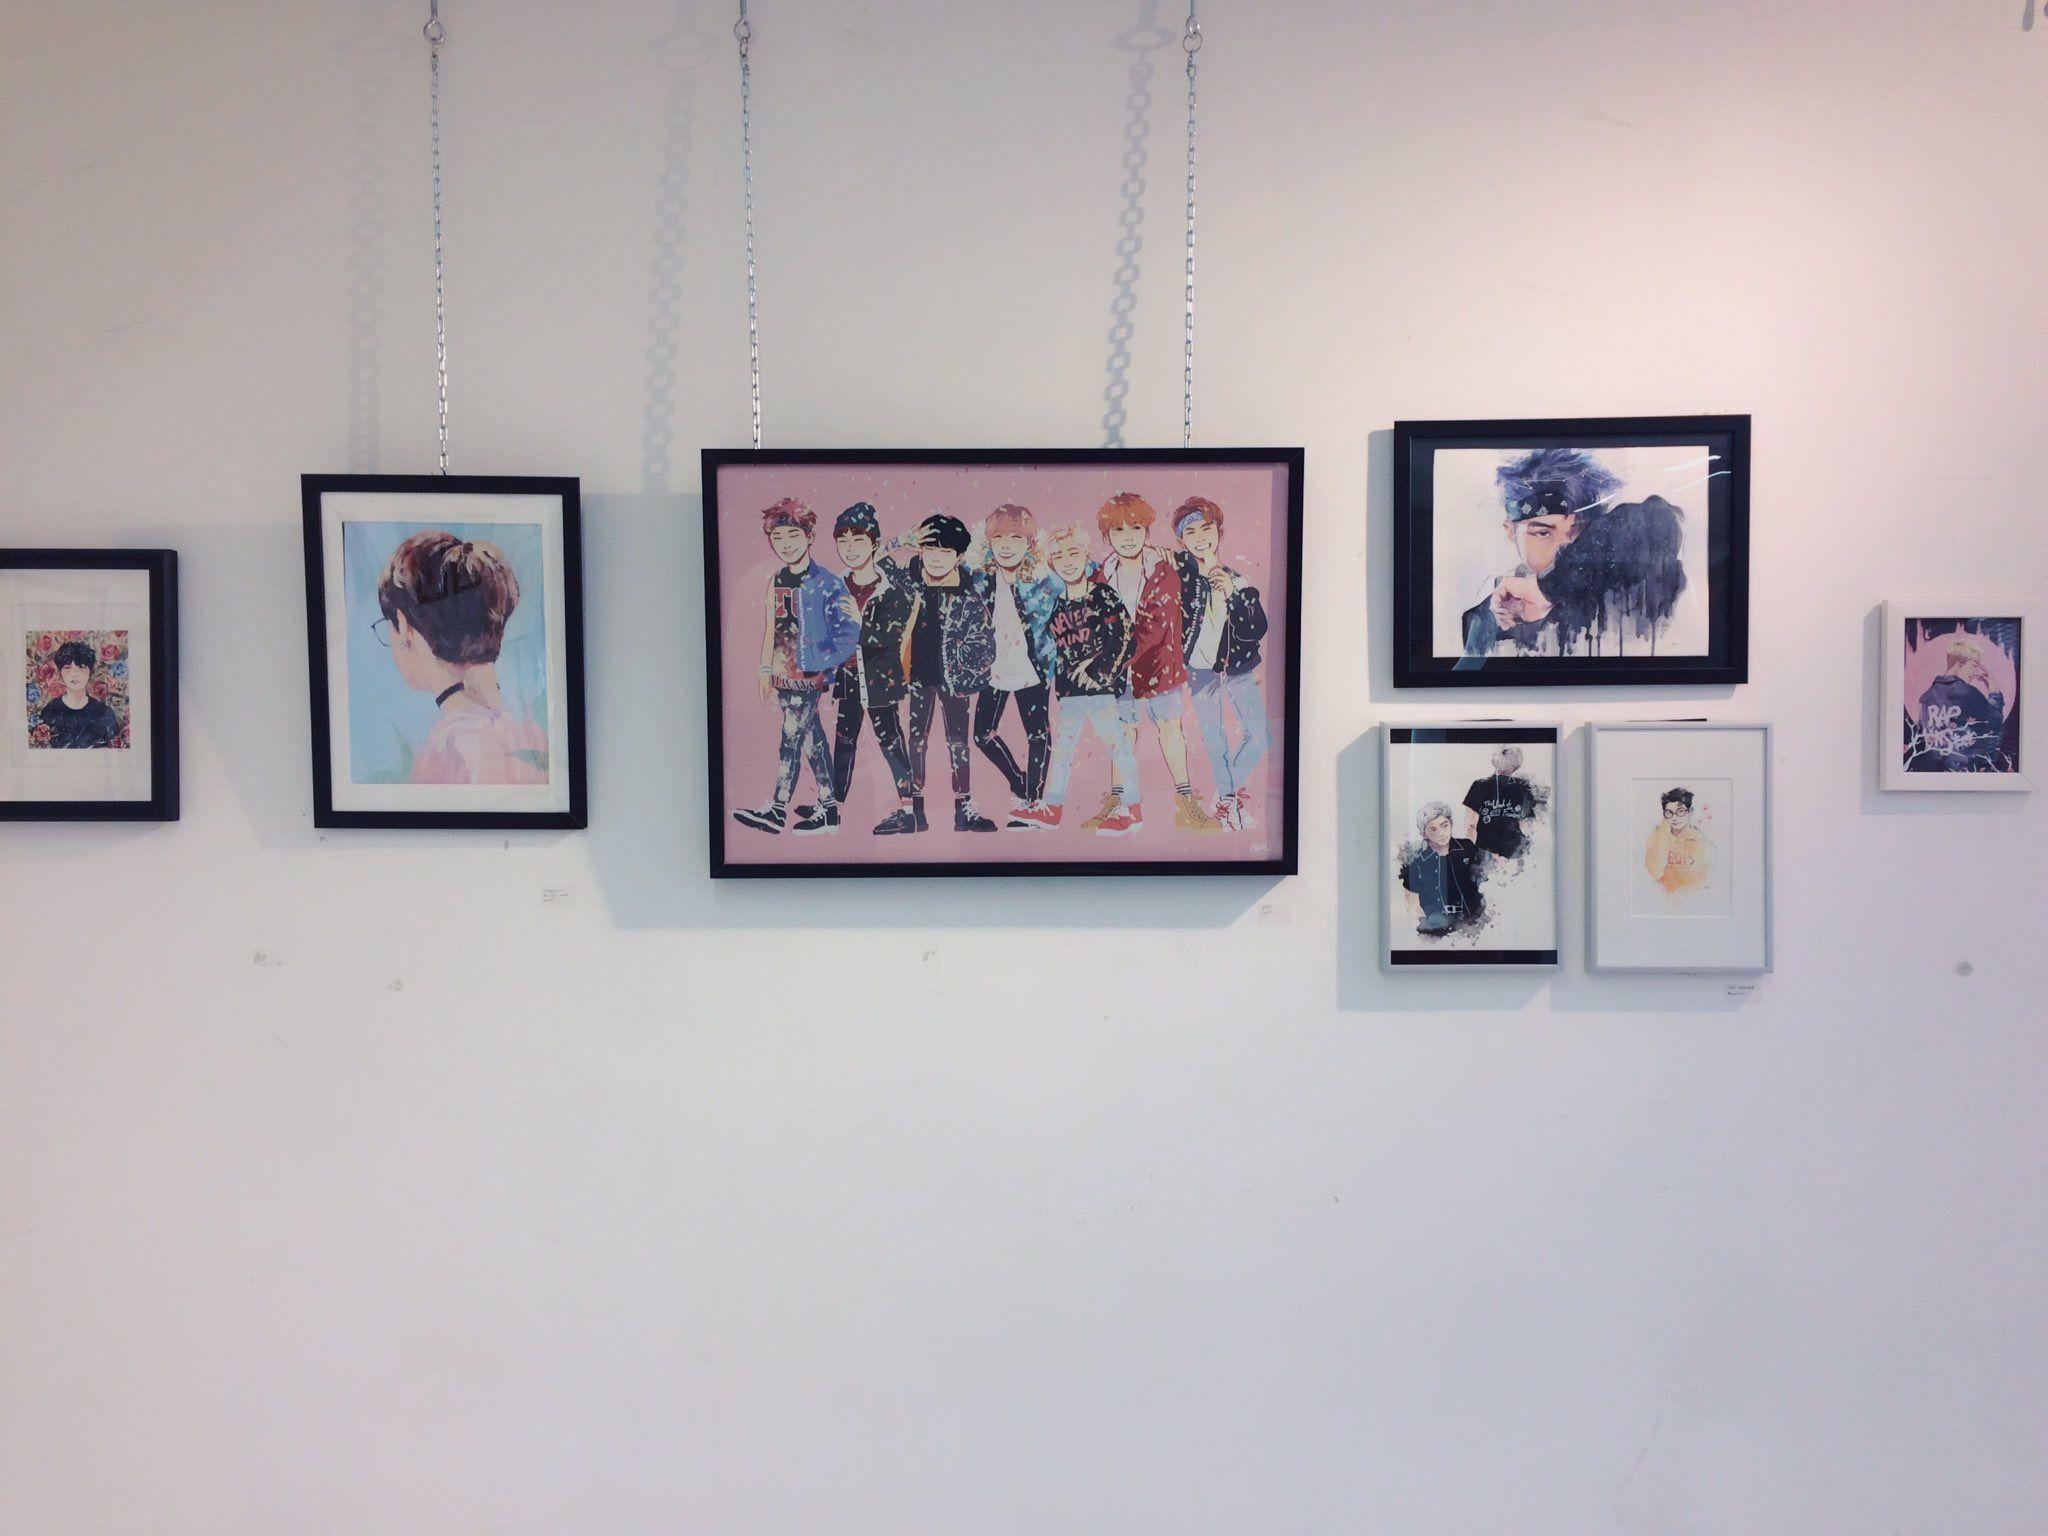 Honeysweetkiss Kpop Posters Bts Wallpaper Kpop Aesthetic